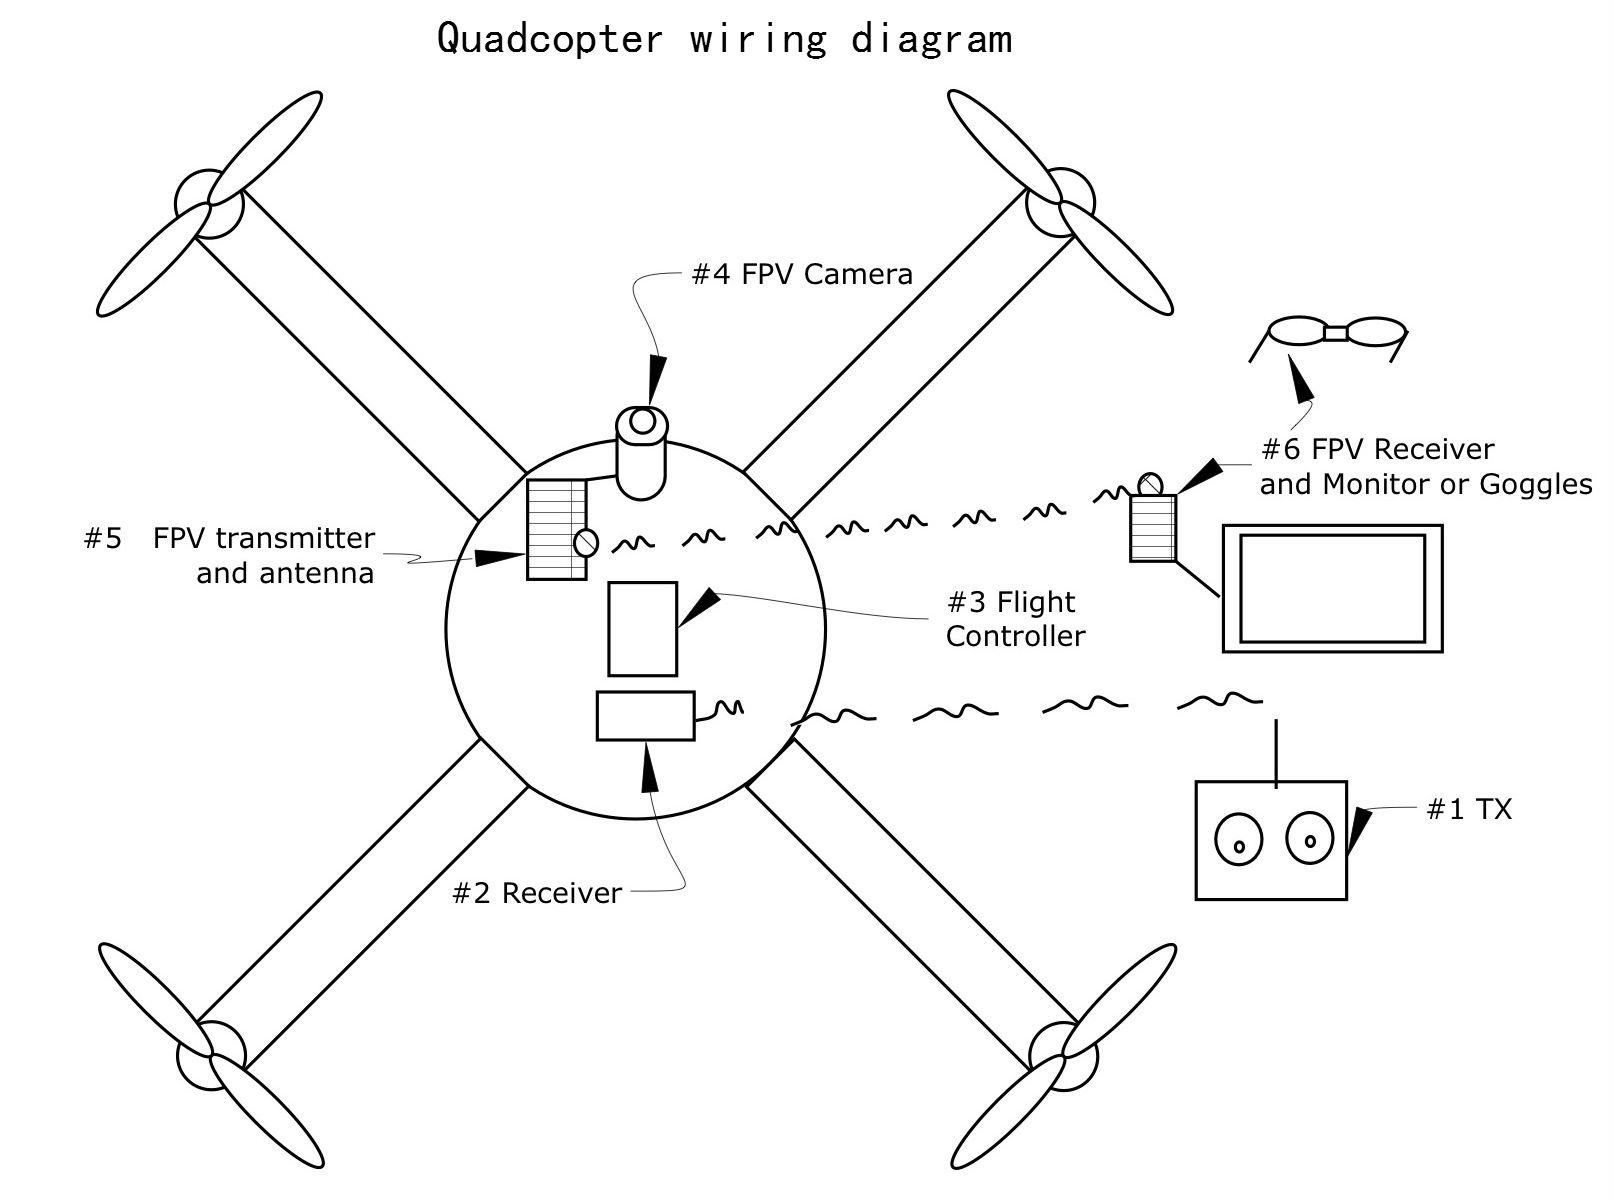 Rki Wiring Diagram - Wiring Diagrams Schematics